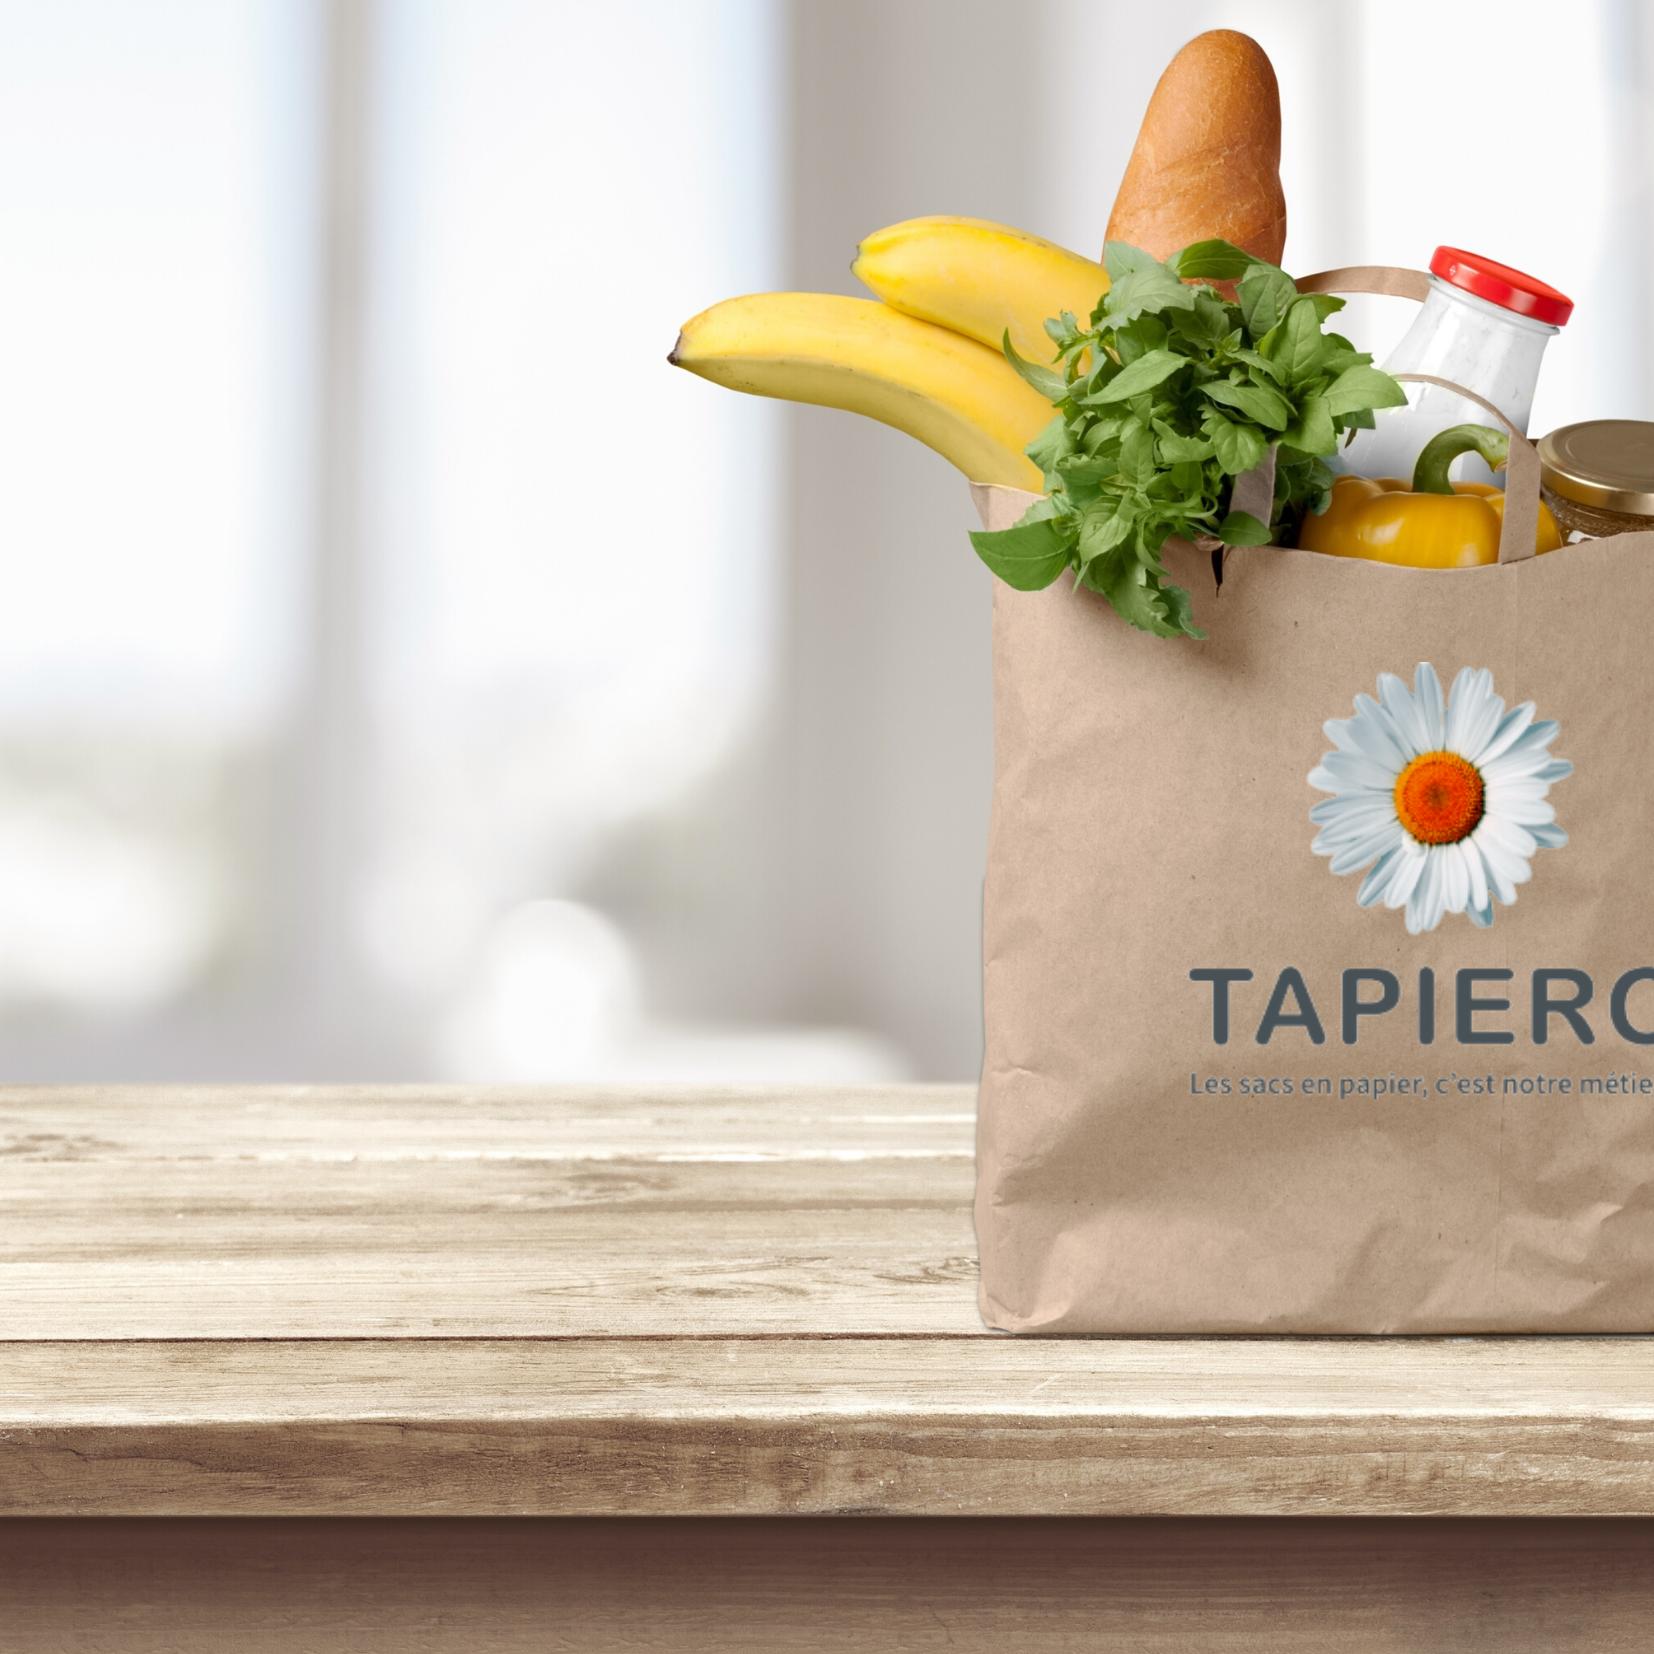 Personnalisation : Optez pour le sac en papier personnalisé !